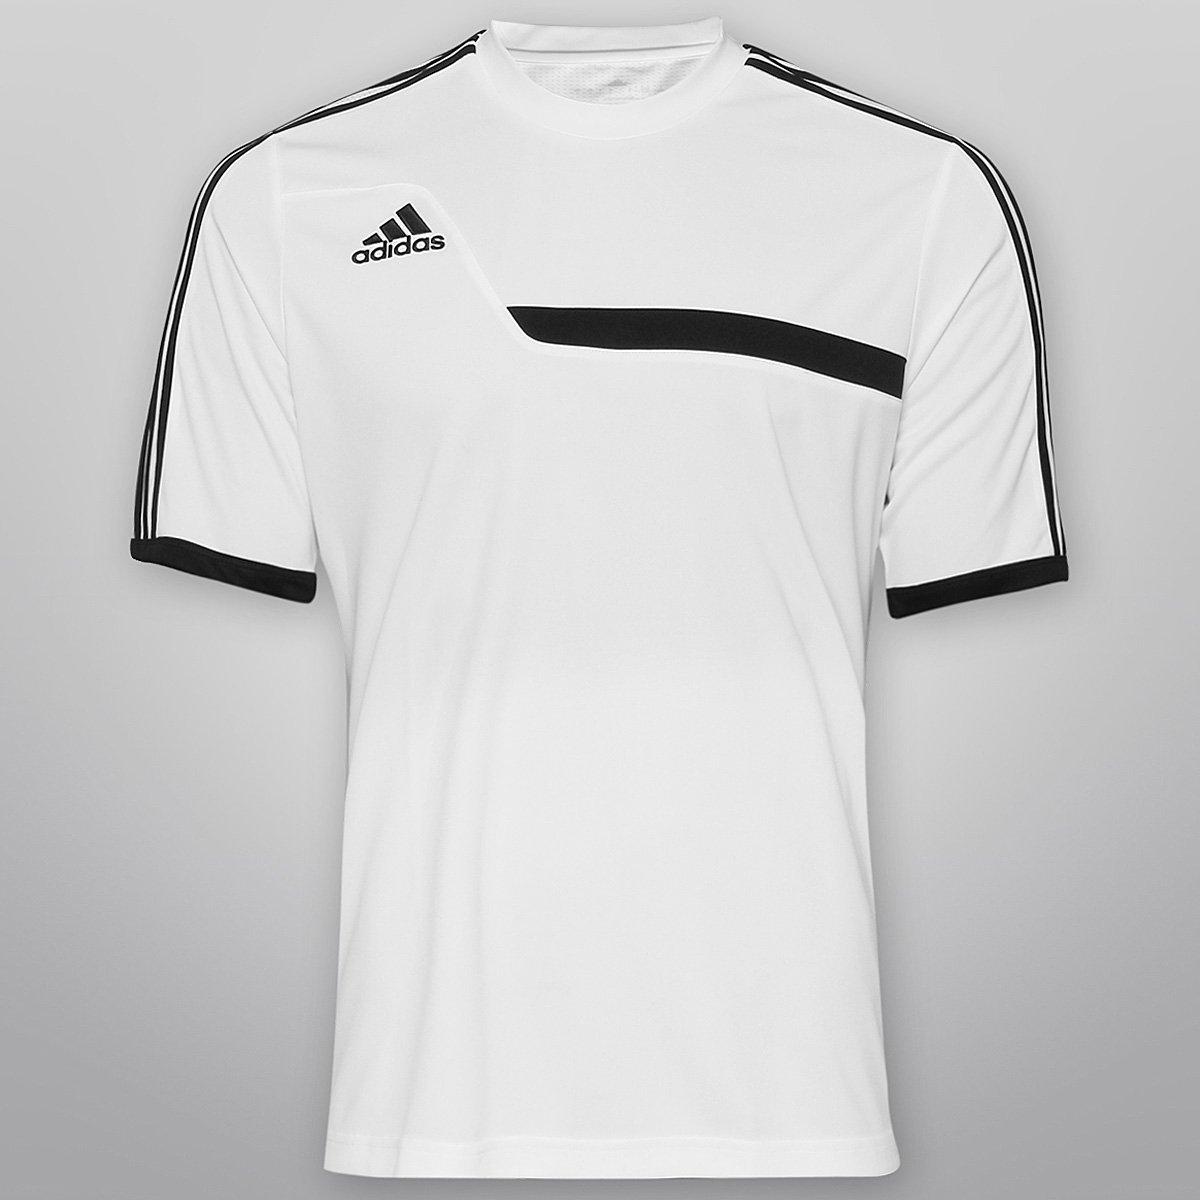 Camisa Adidas Tiro 13 - Compre Agora  81c8528b78b02